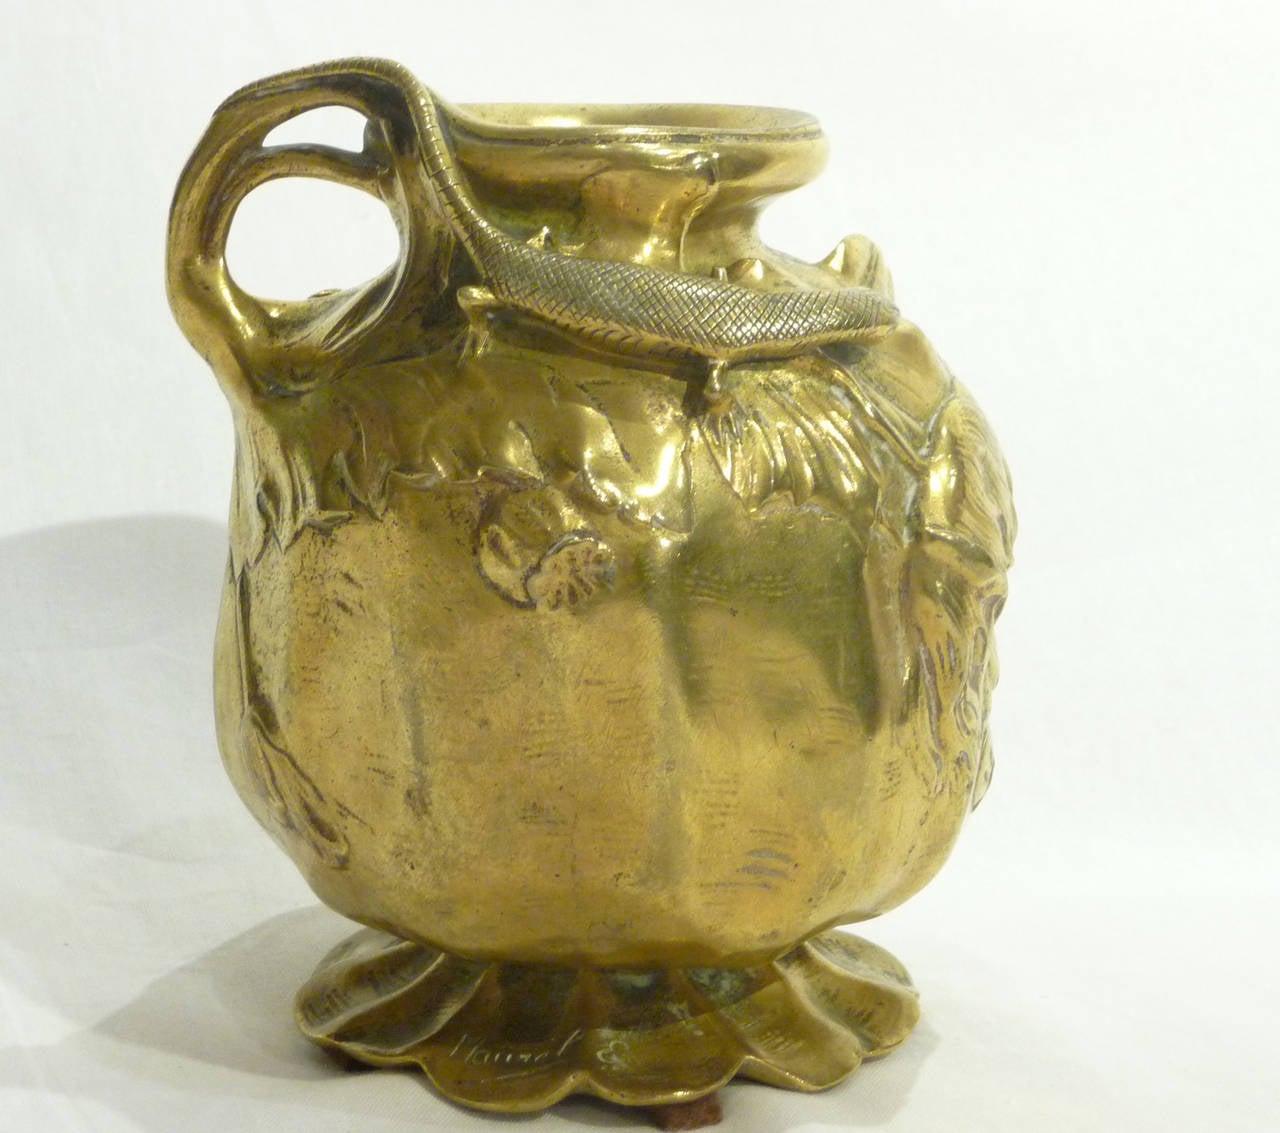 emile justin maurel art nouveau vase l zard et fleurs de pavots signed for sale at 1stdibs. Black Bedroom Furniture Sets. Home Design Ideas